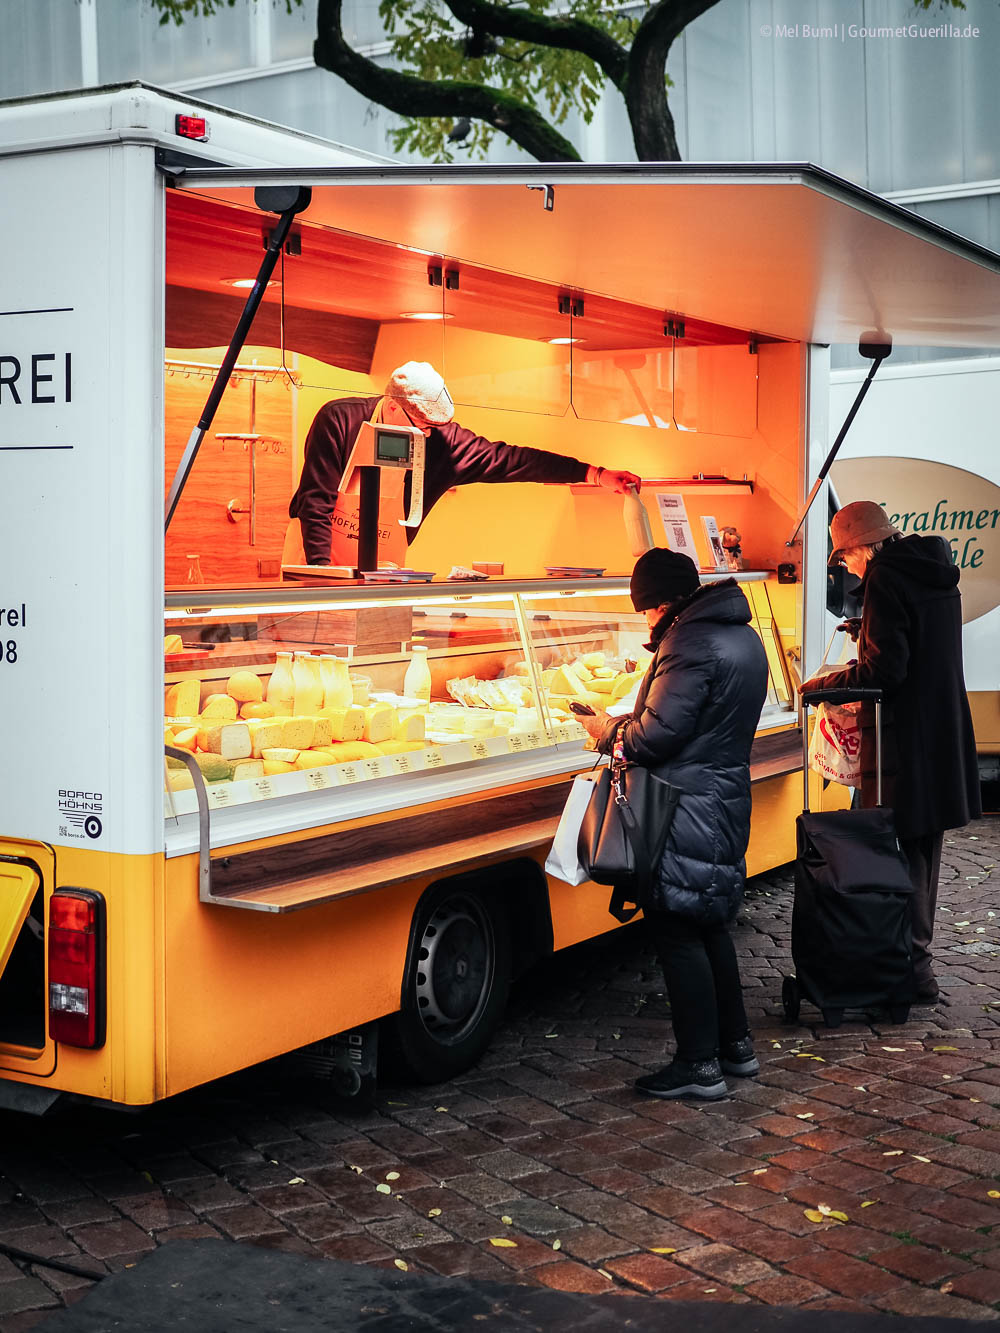 xBauernmarkt Oldenburg Hofkäserei haverkamp Digital durchstarten |GourmetGuerilla.de